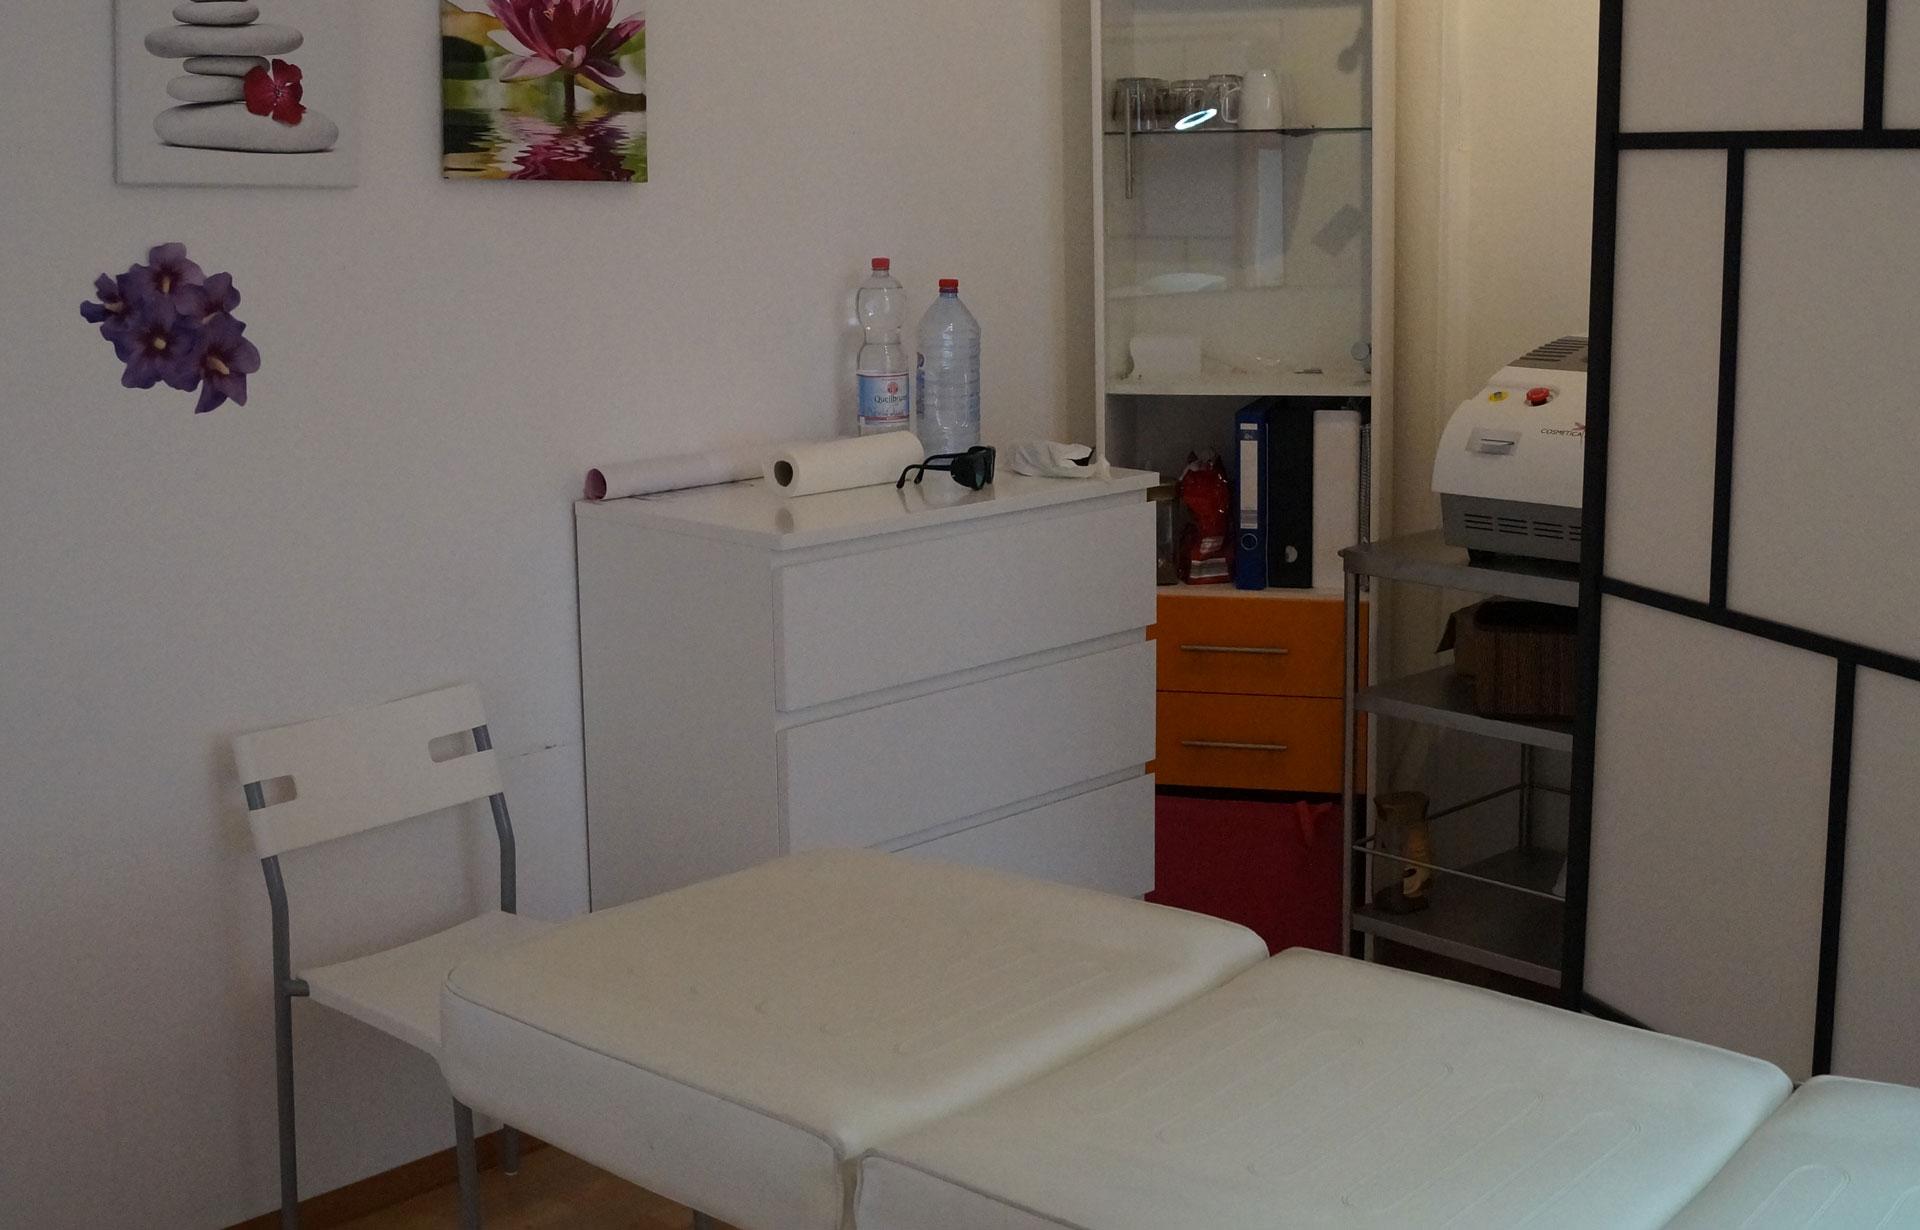 venuskosmetik-iserlohn-die-praxis-4